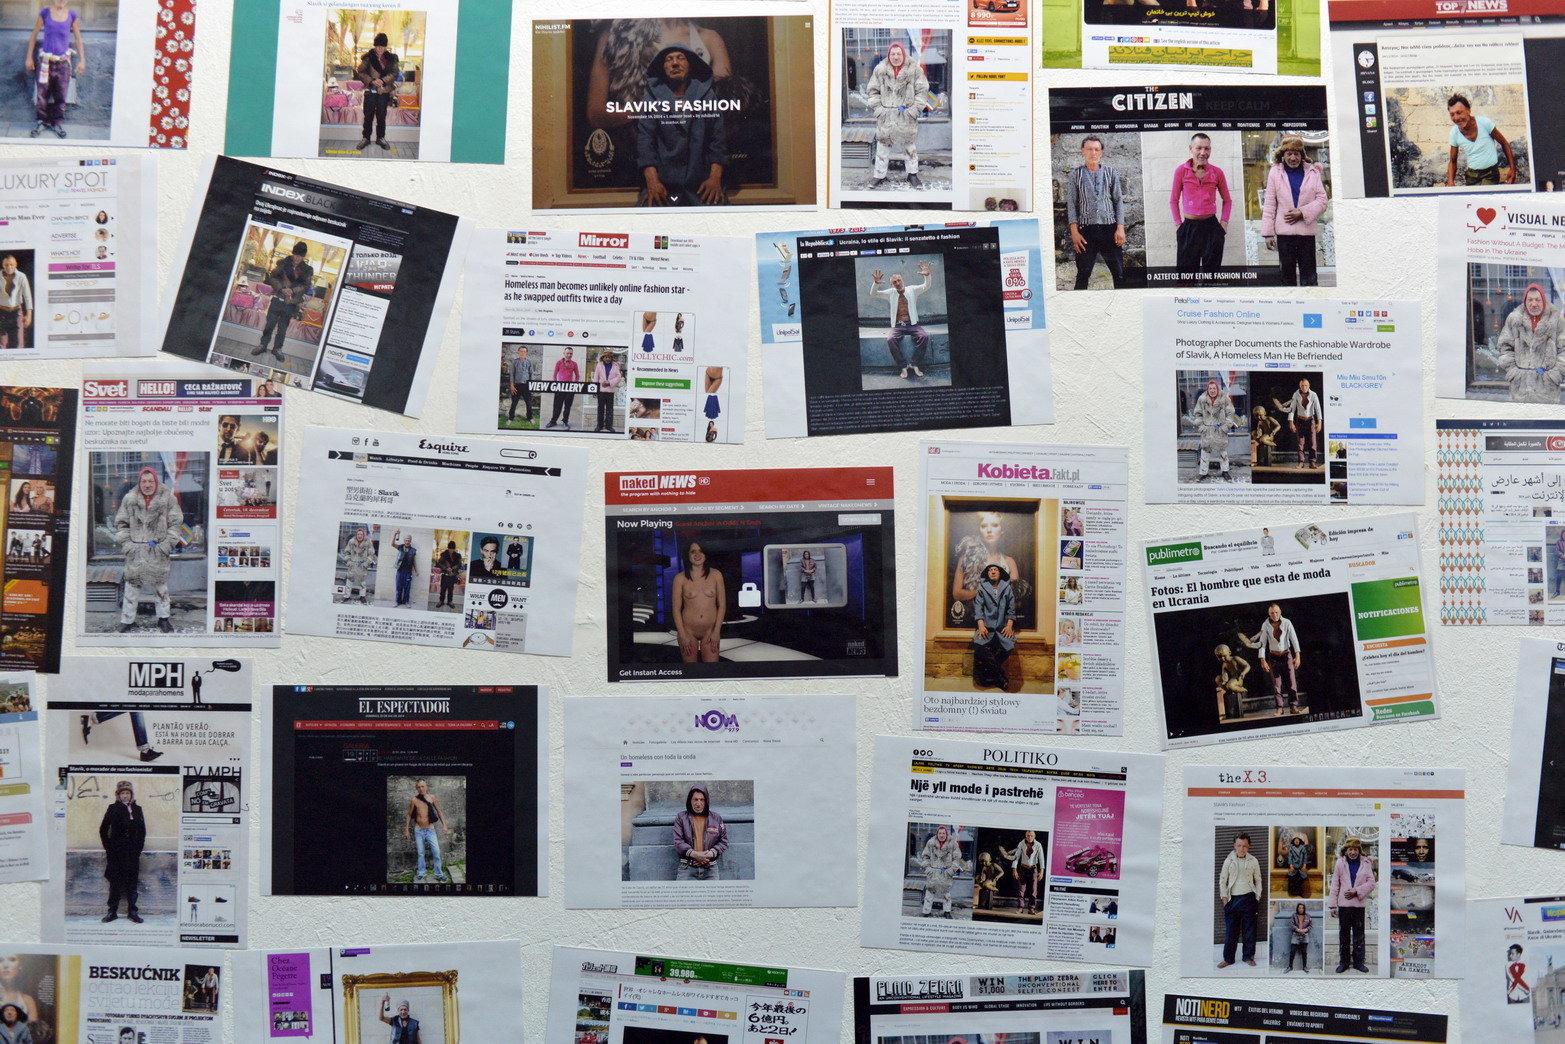 Dzyga_Slavik's Fashion_20_resize.JPG